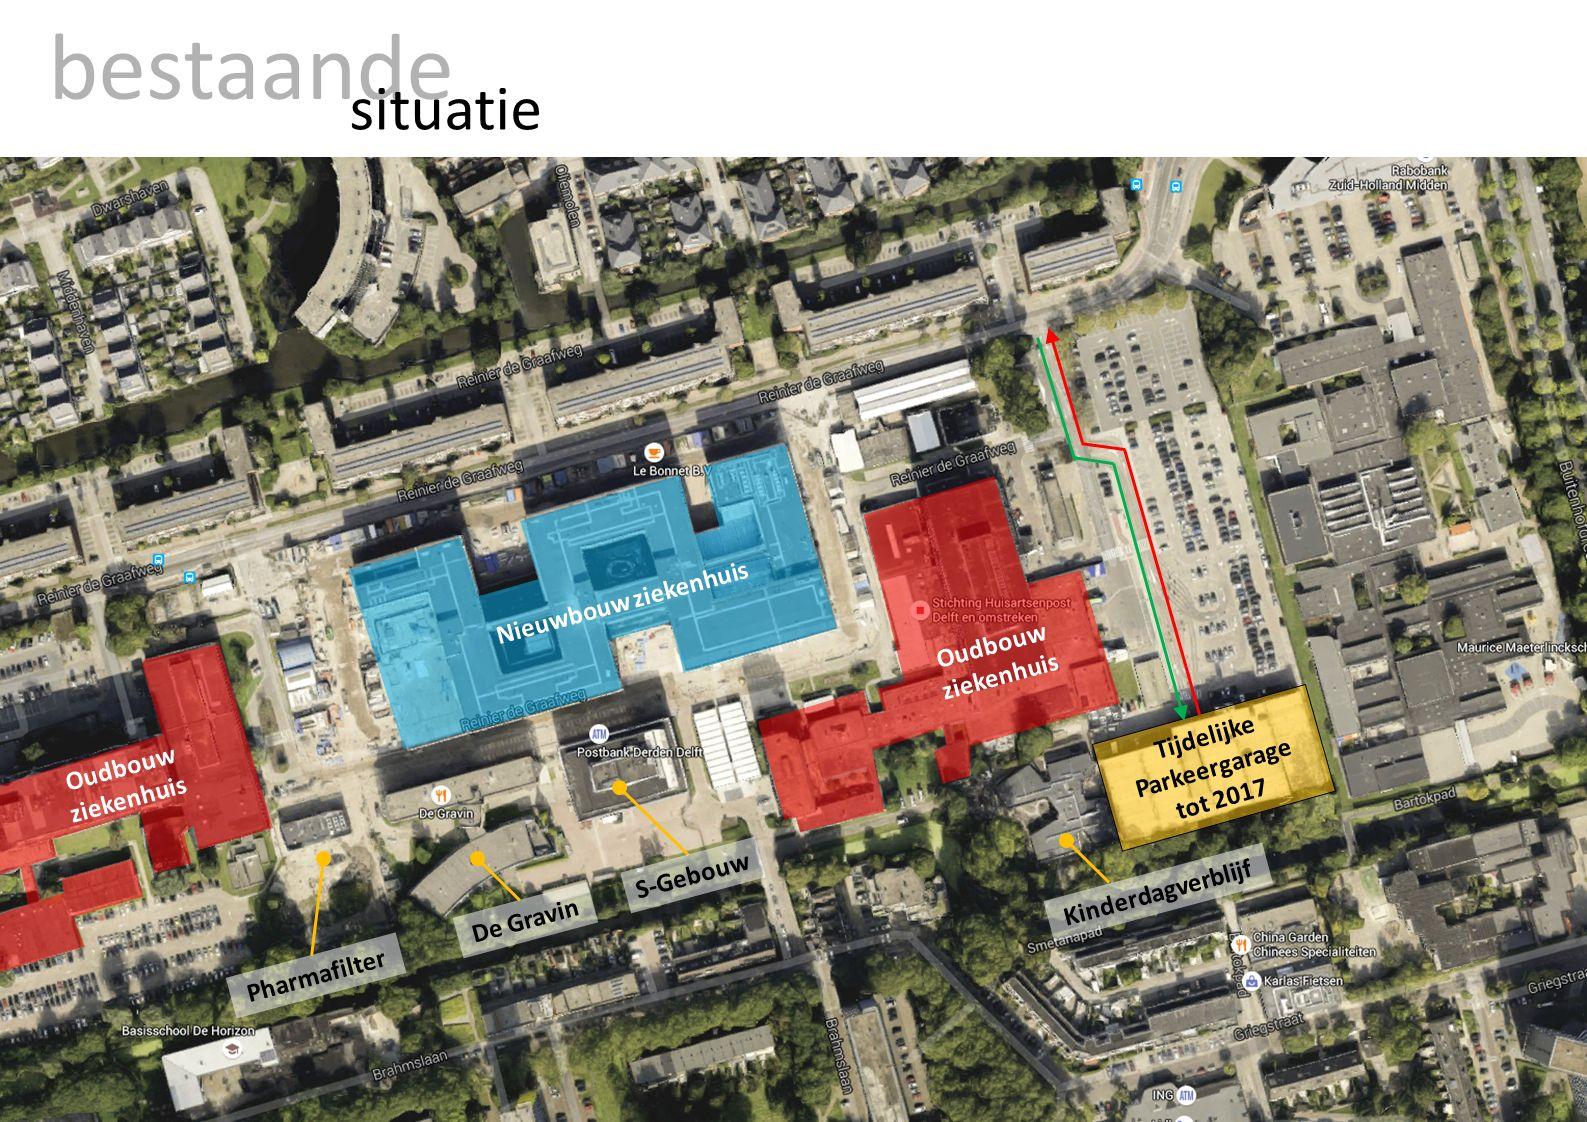 bestaande situatie Tijdelijke Parkeergarage tot 2017 Nieuwbouw ziekenhuis De Gravin Pharmafilter Kinderdagverblijf Oudbouw ziekenhuis S-Gebouw